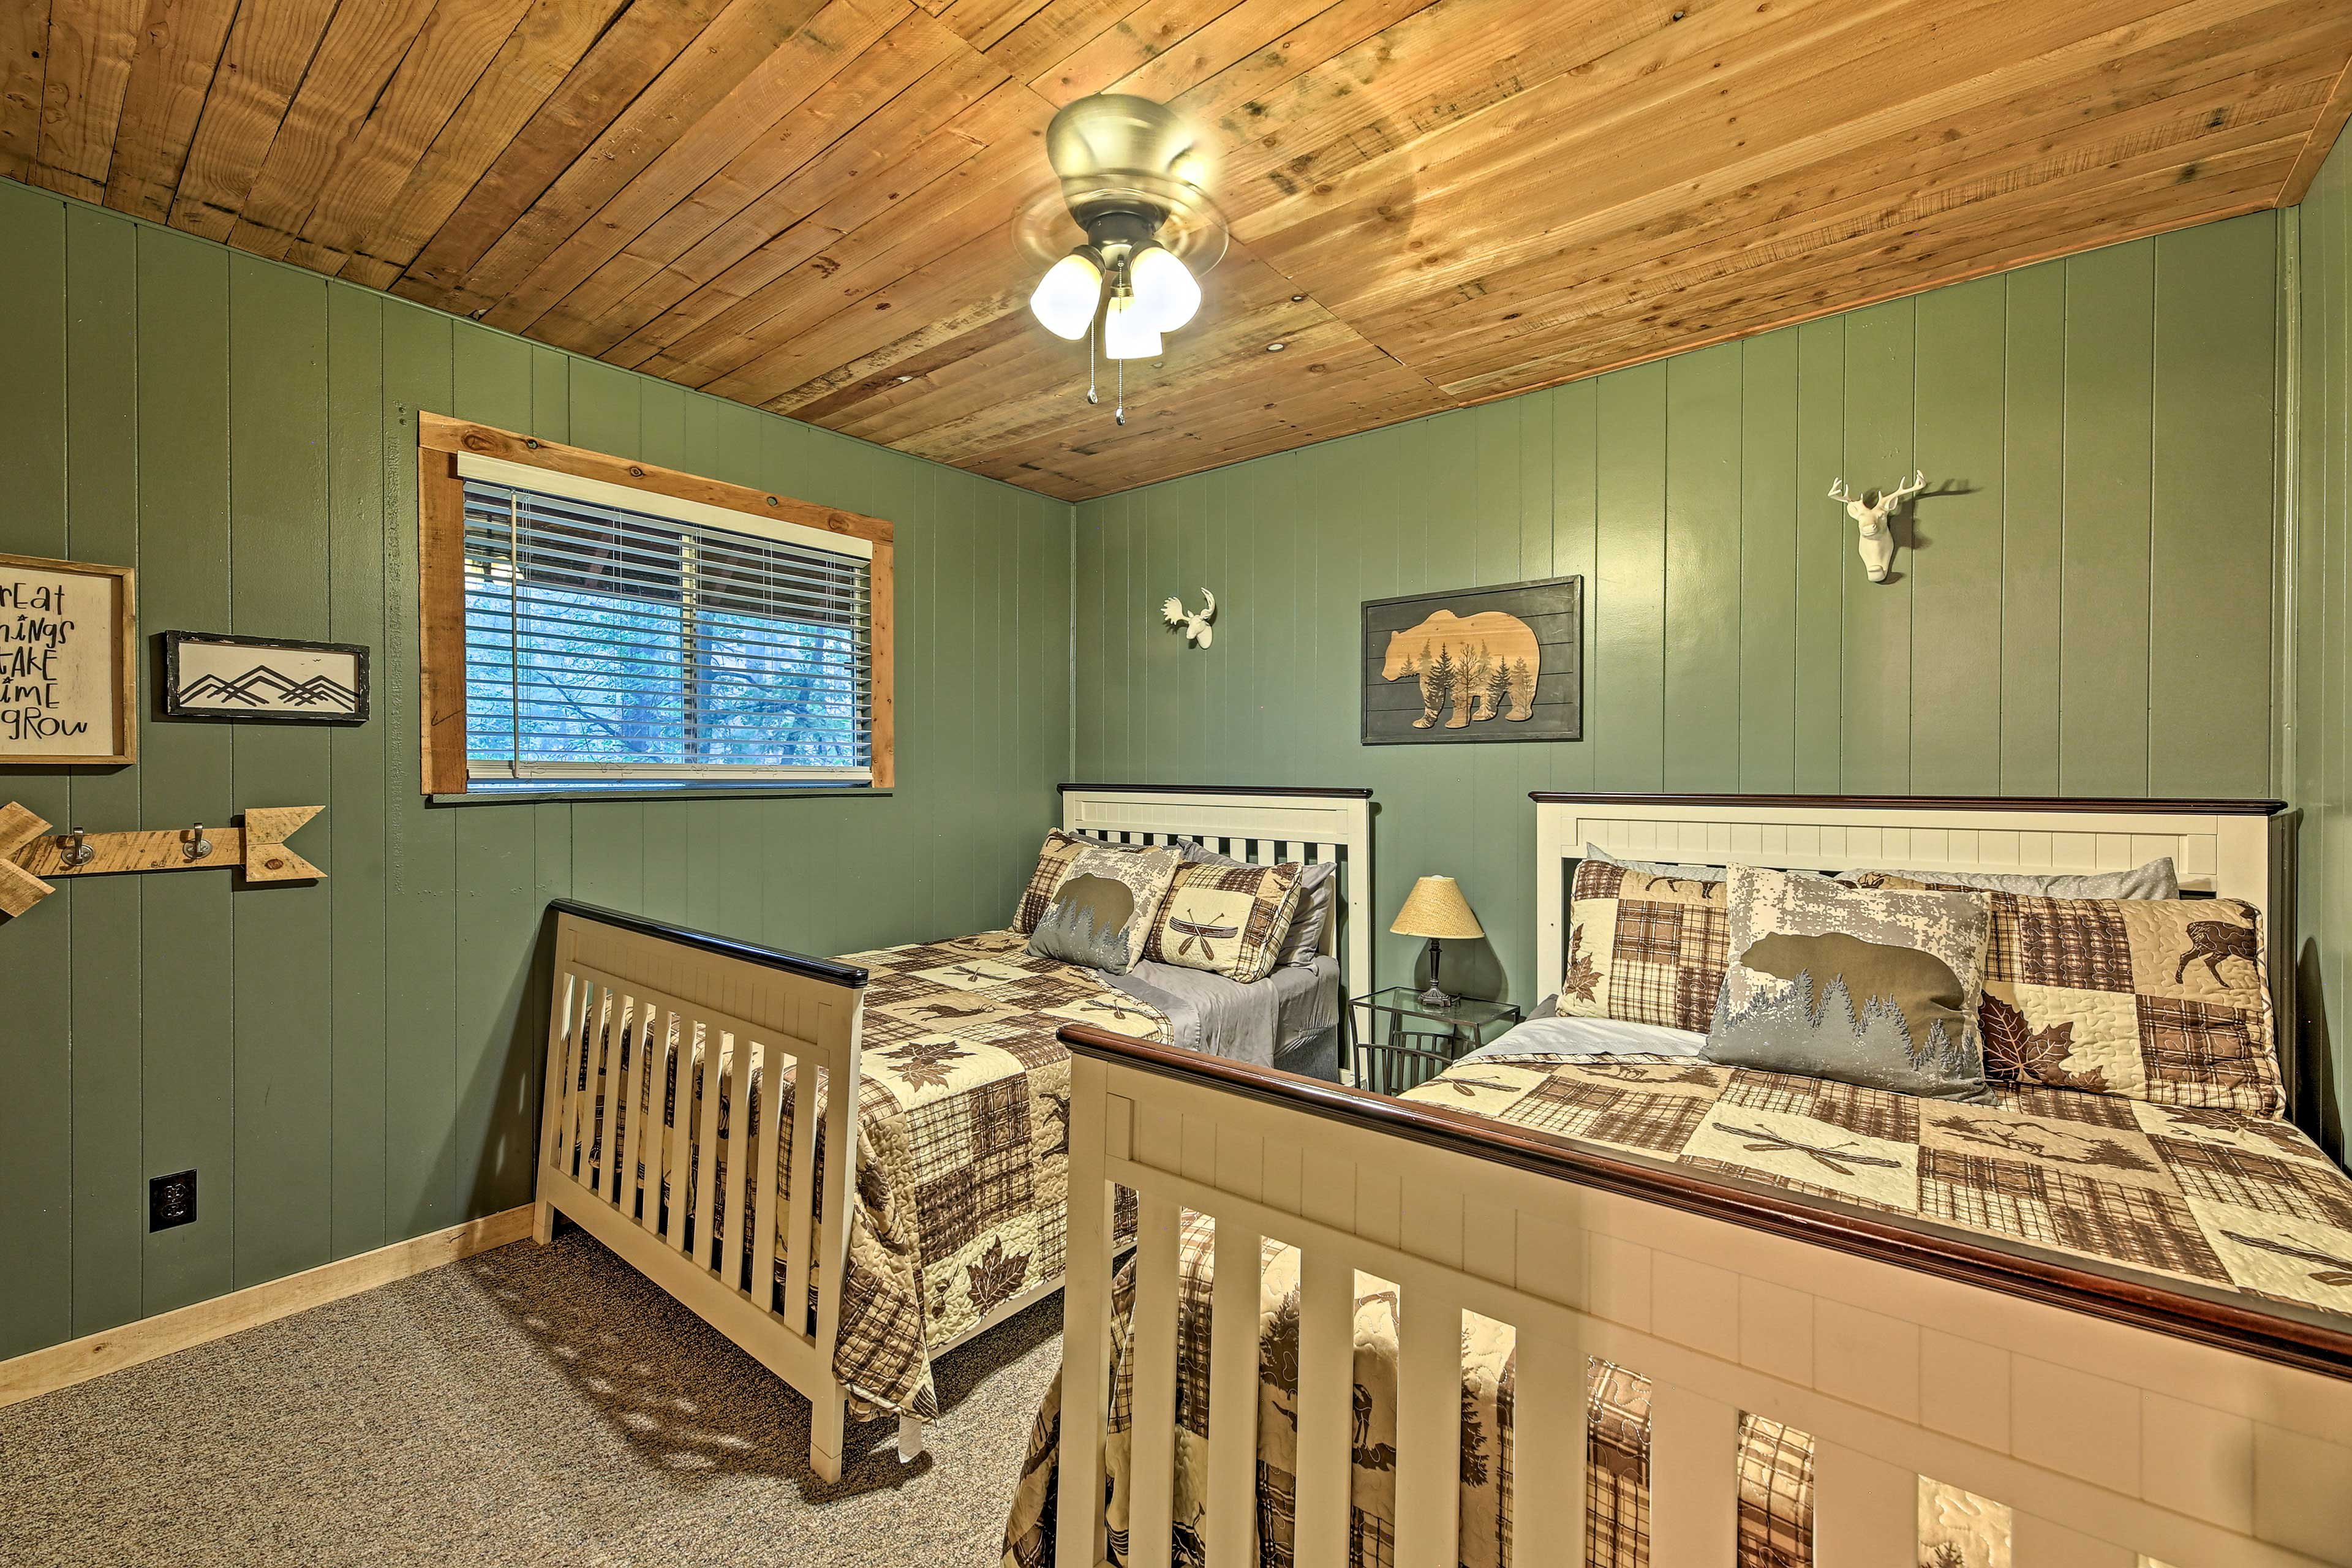 Bedroom 2 | 2 Full Beds | Main Floor